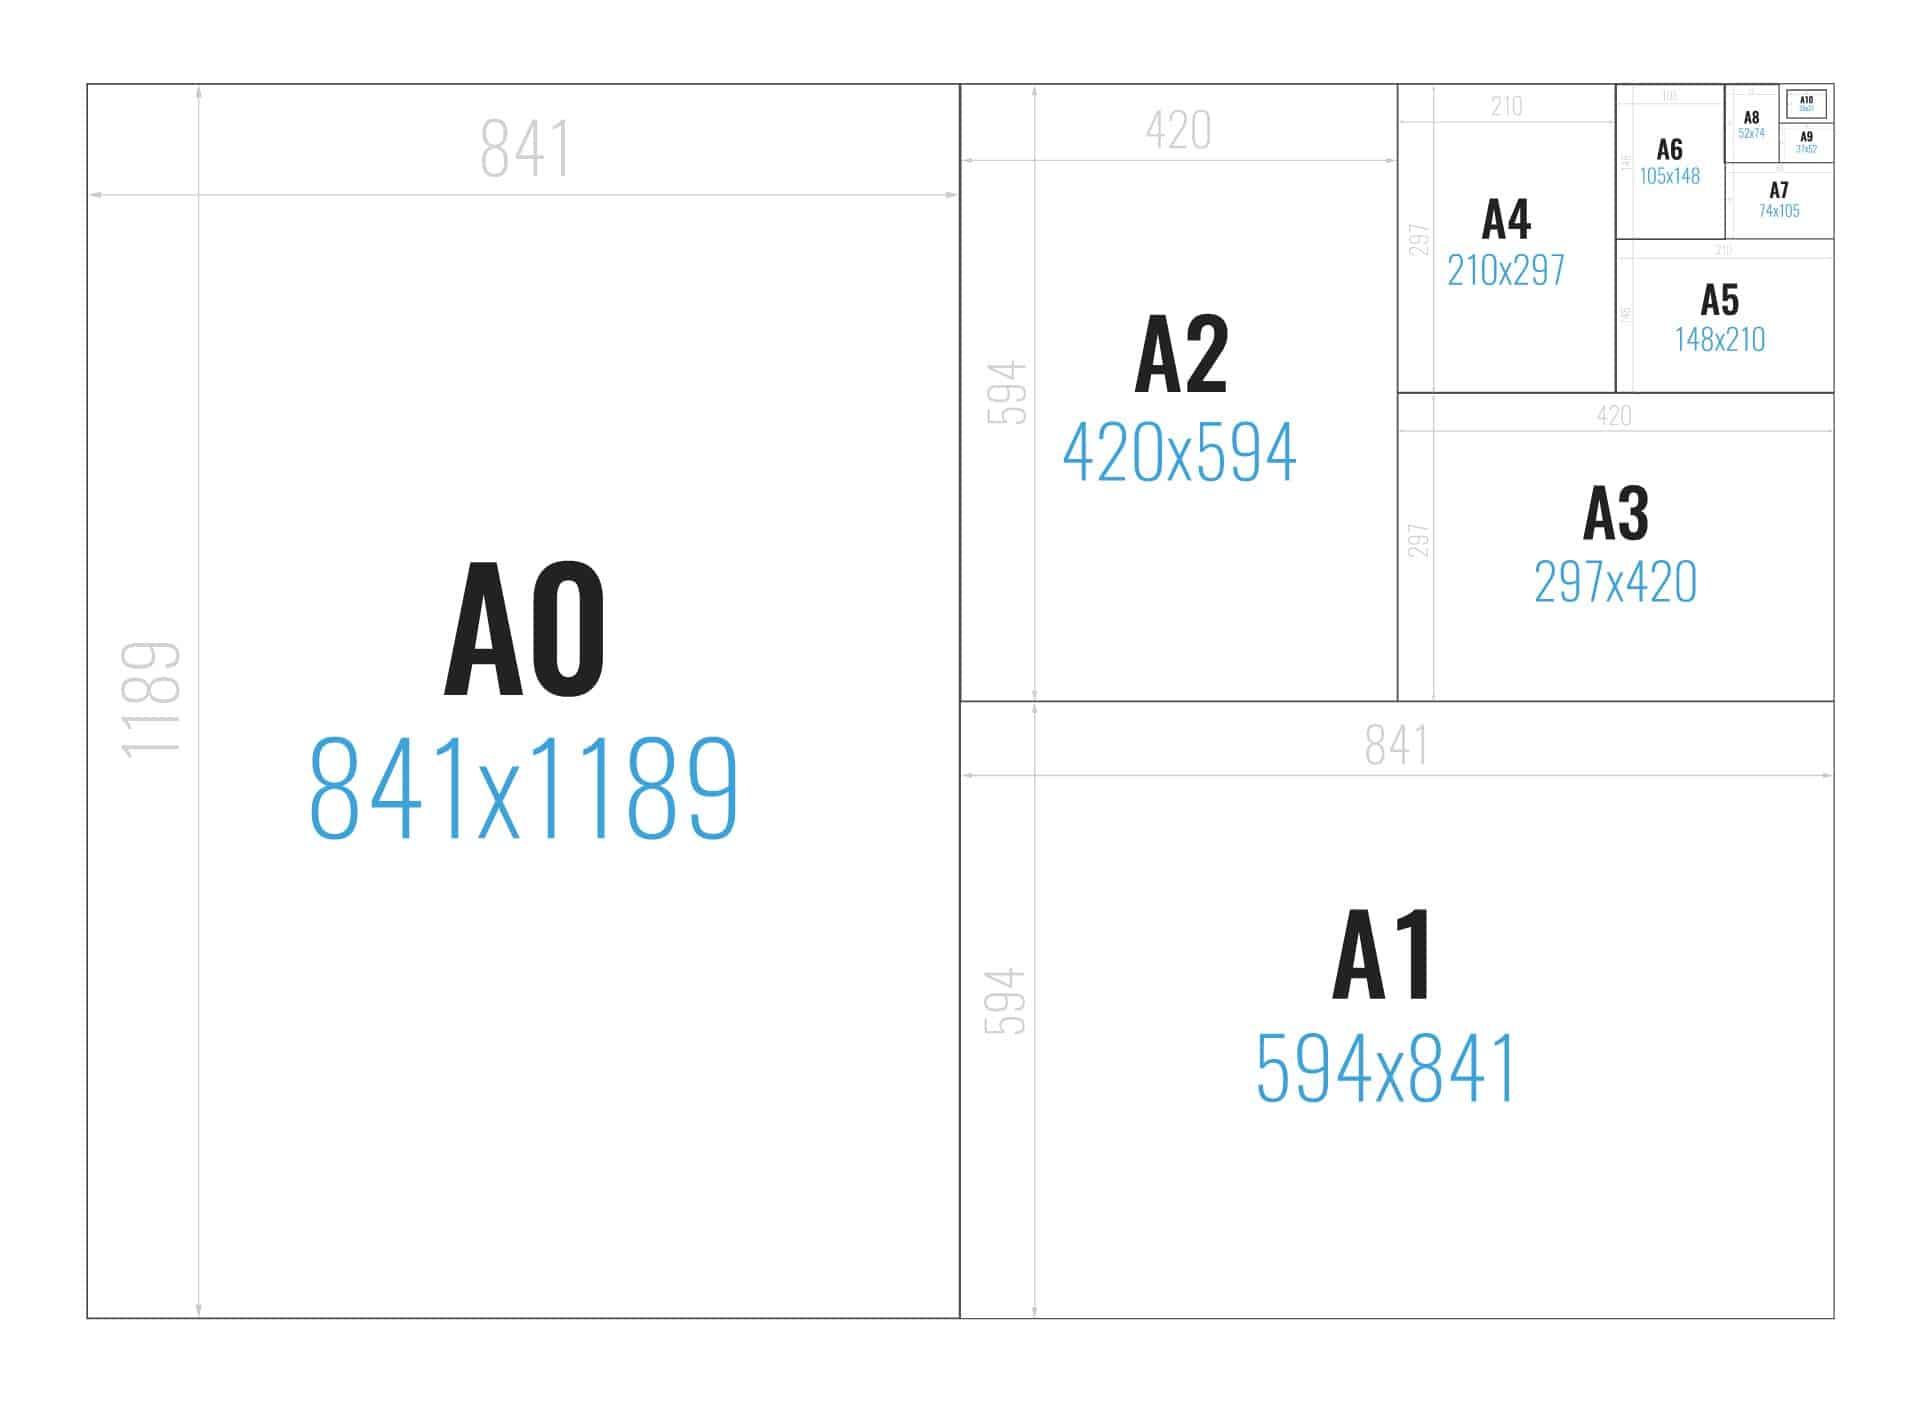 מחברות מעוצבות מידות נייר A4 A5 A6 גיליון חצי